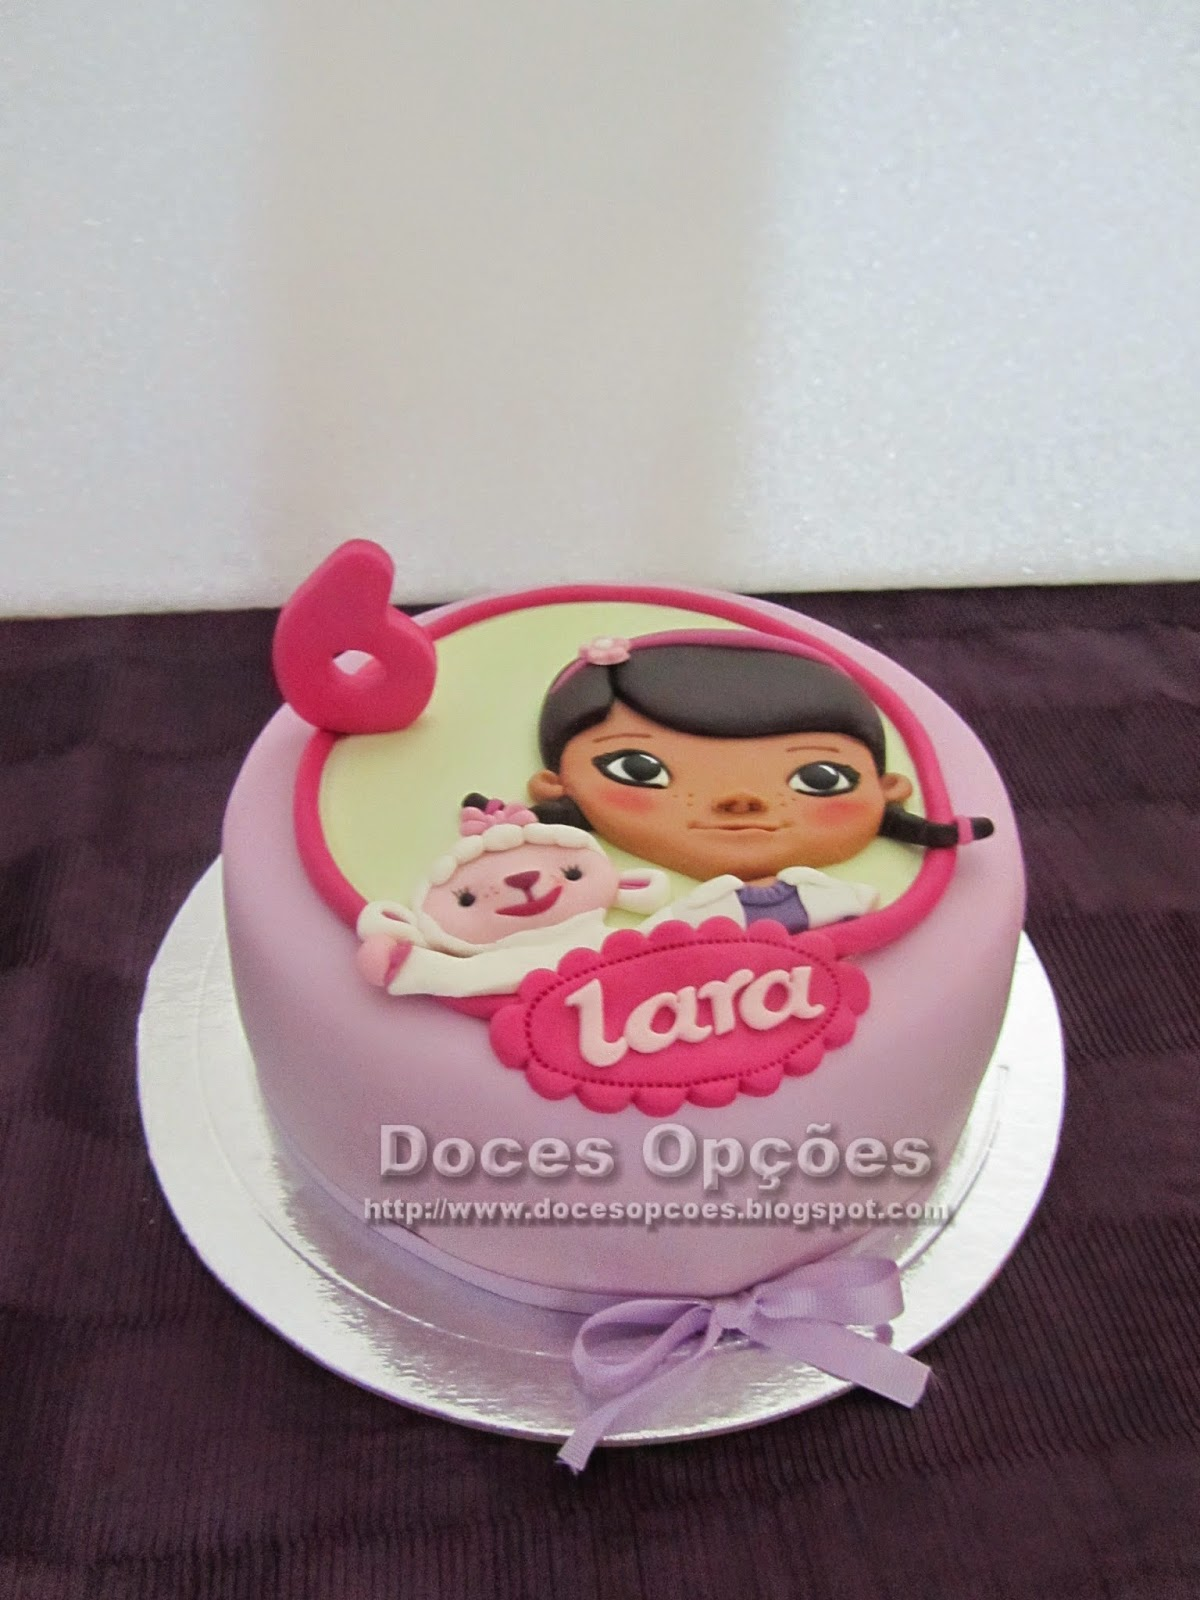 Super Doces Opções: Bolo para o aniversário da Lara com a Doutora Brinquedos QR96